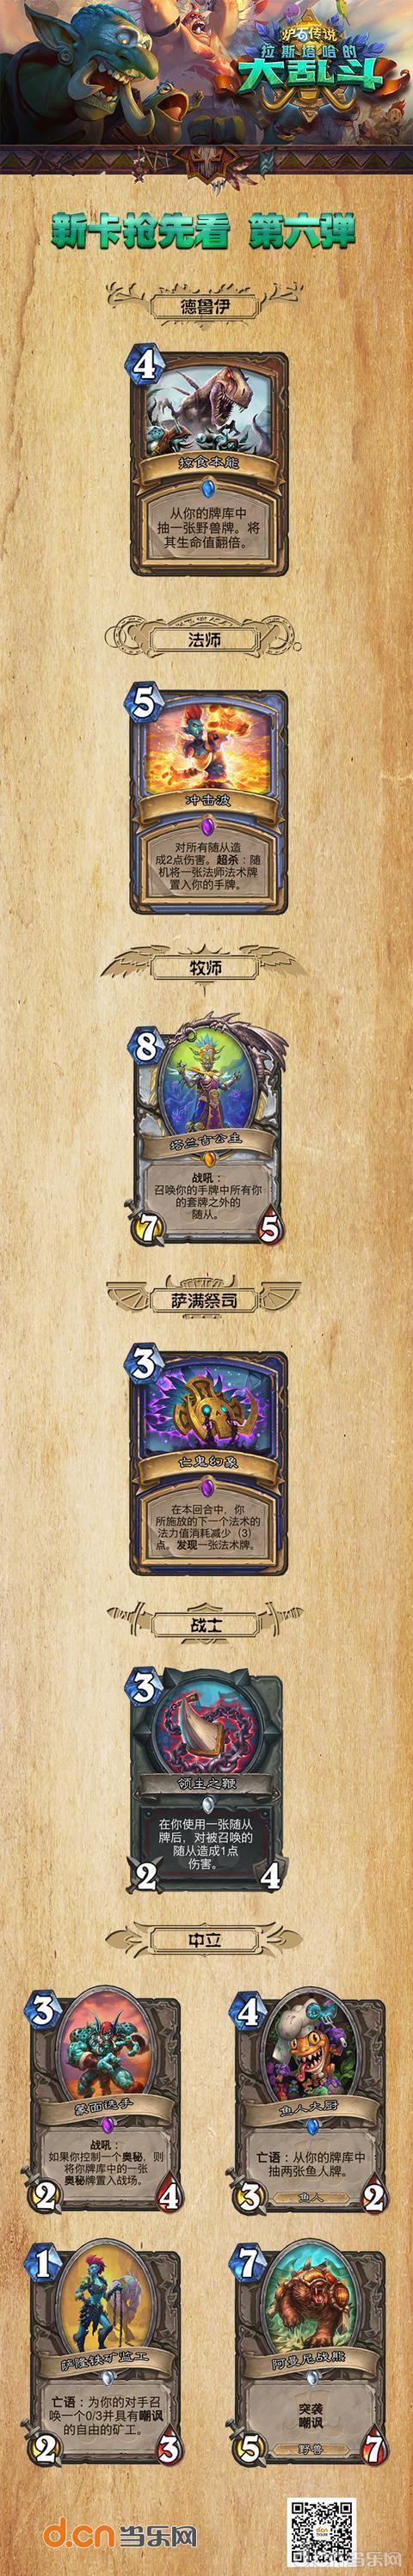 """《炉石传说》全新版本""""拉斯塔哈的大乱斗""""新卡预览 第六弹"""